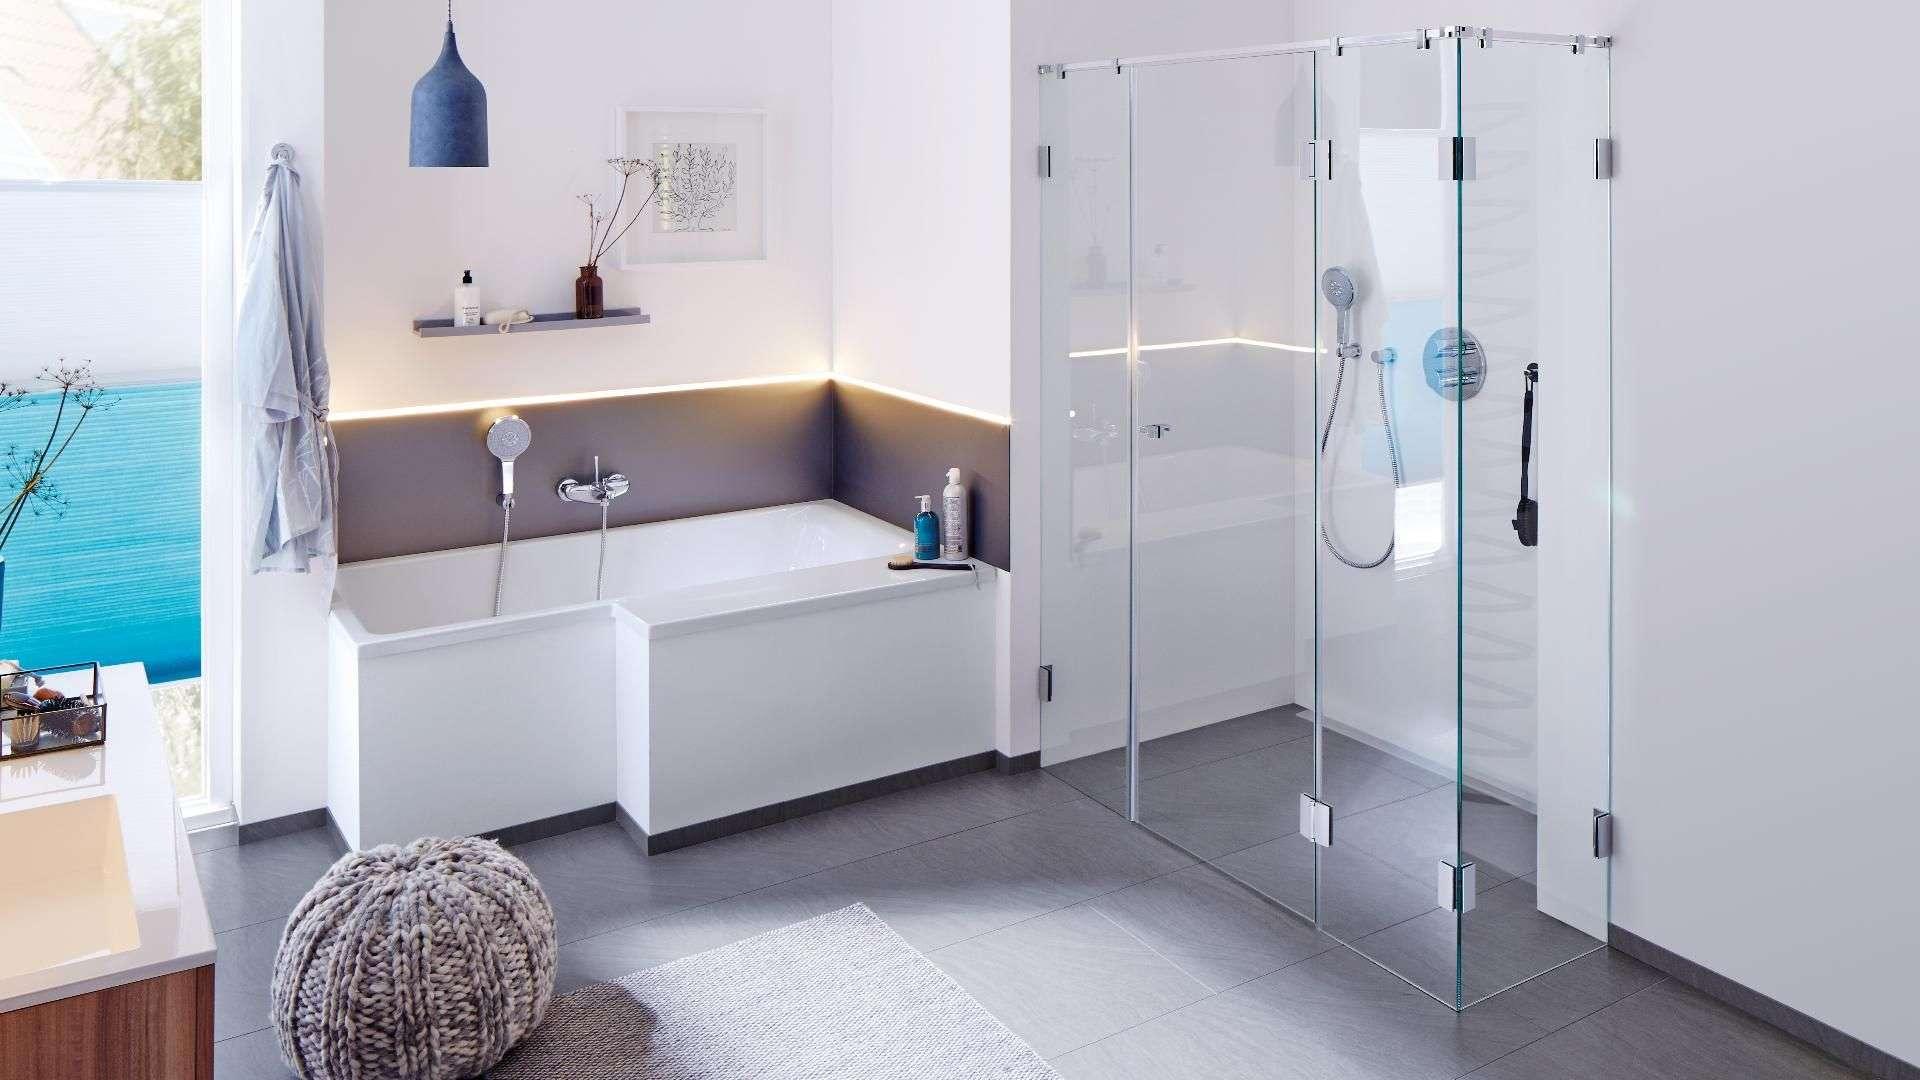 modernes Badezimmer mit Badewanne und Dusche mit Glaswänden